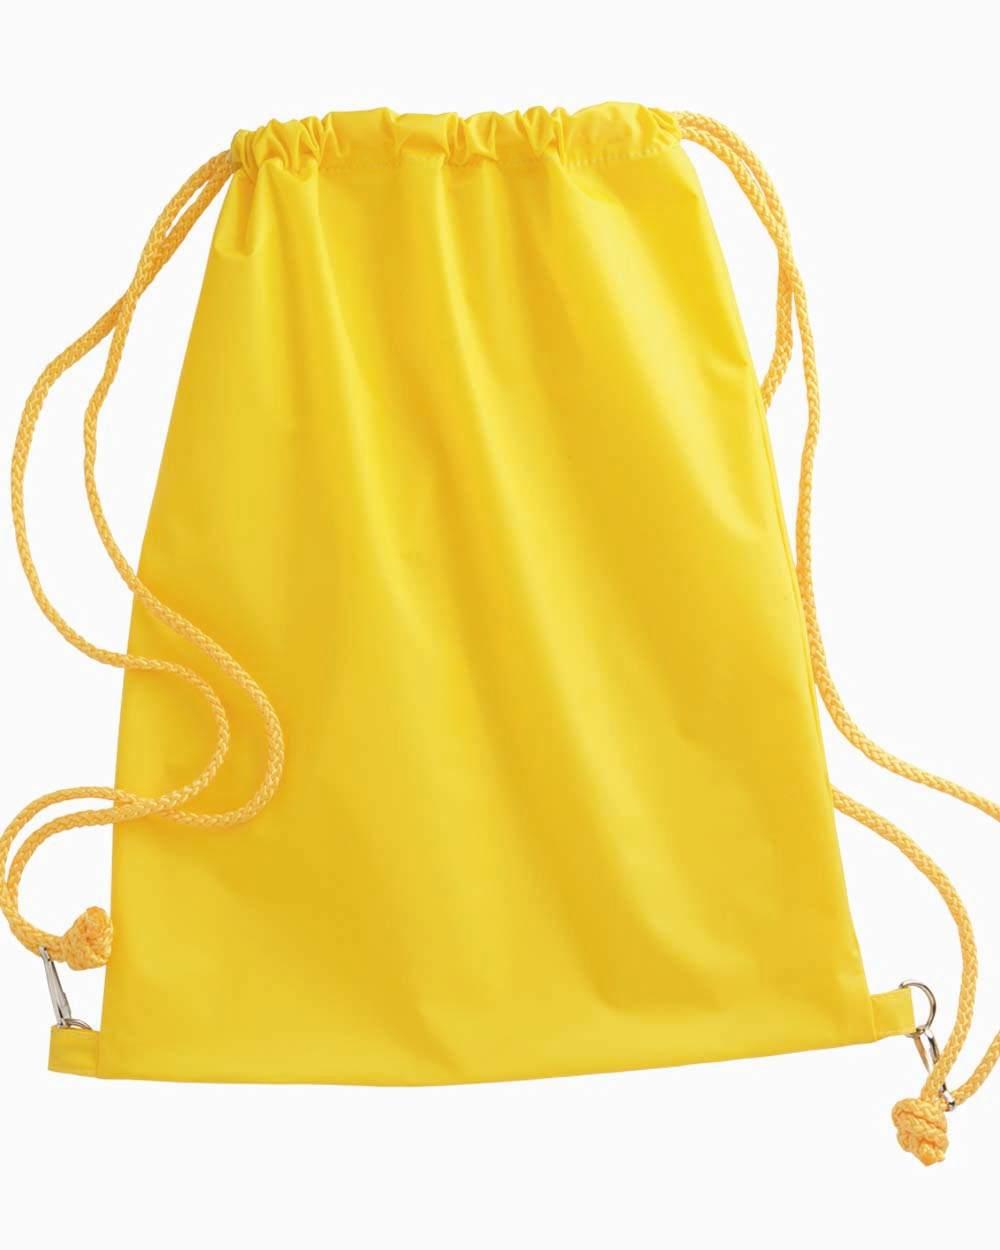 Liberty Bags 8883 束口拉绳双肩背包